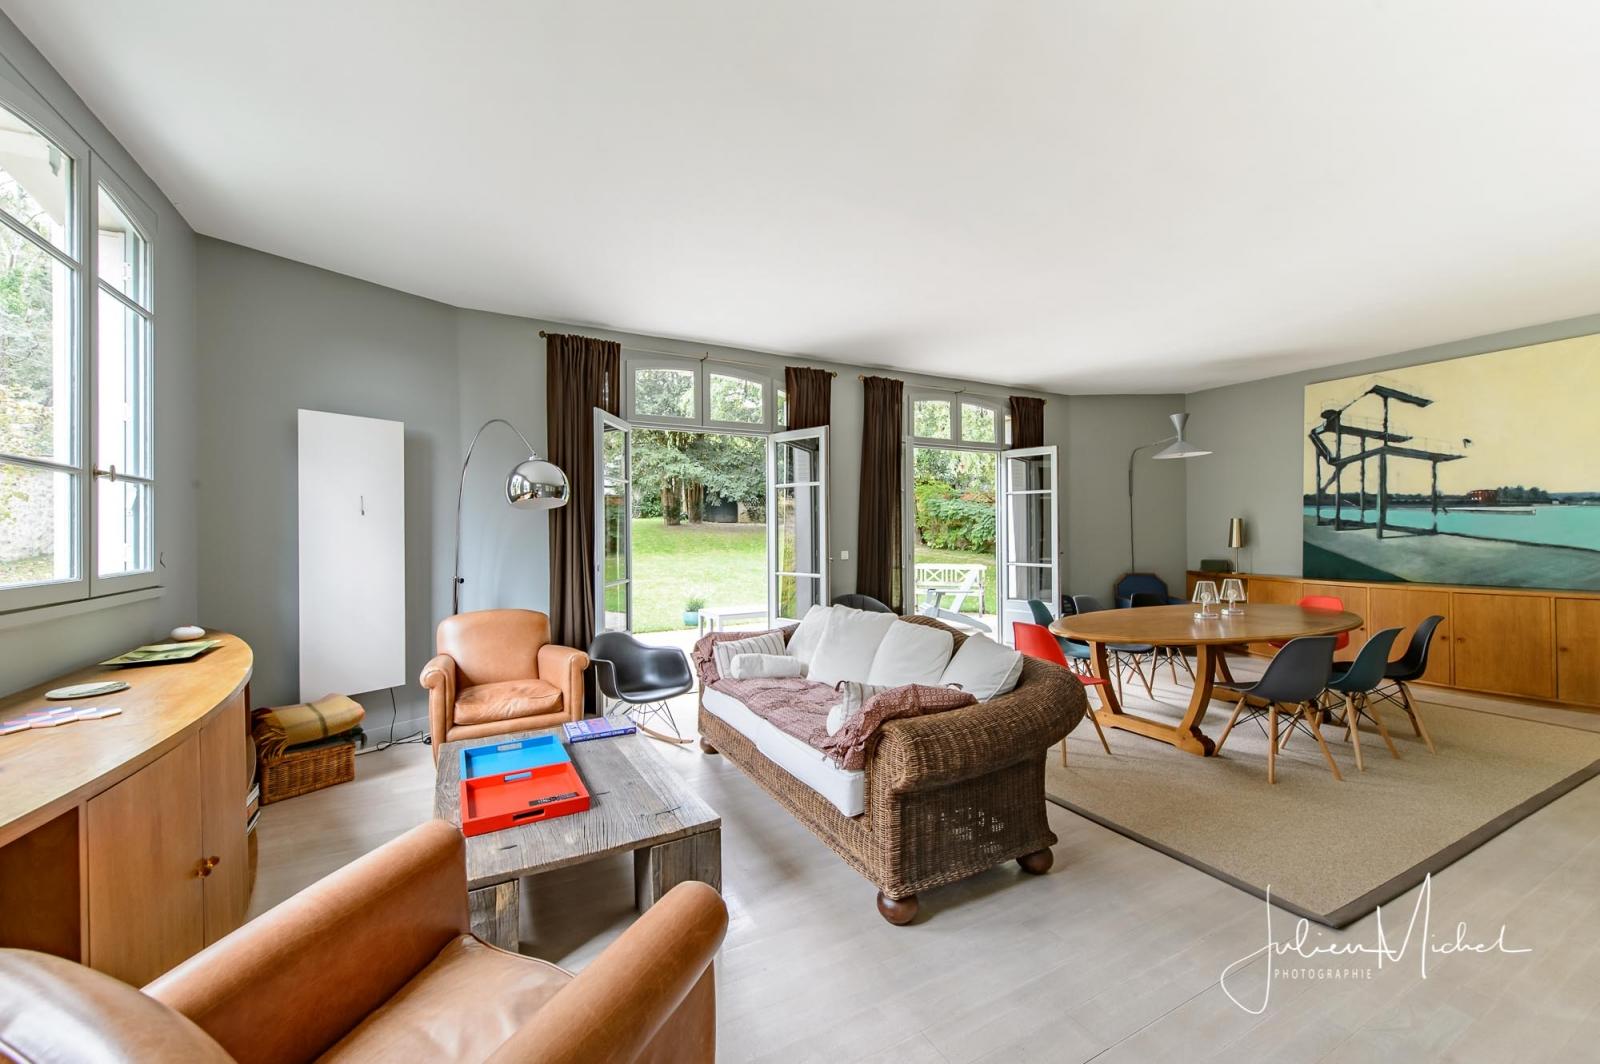 photographe-immobilier-appartement-maison-vente-paris